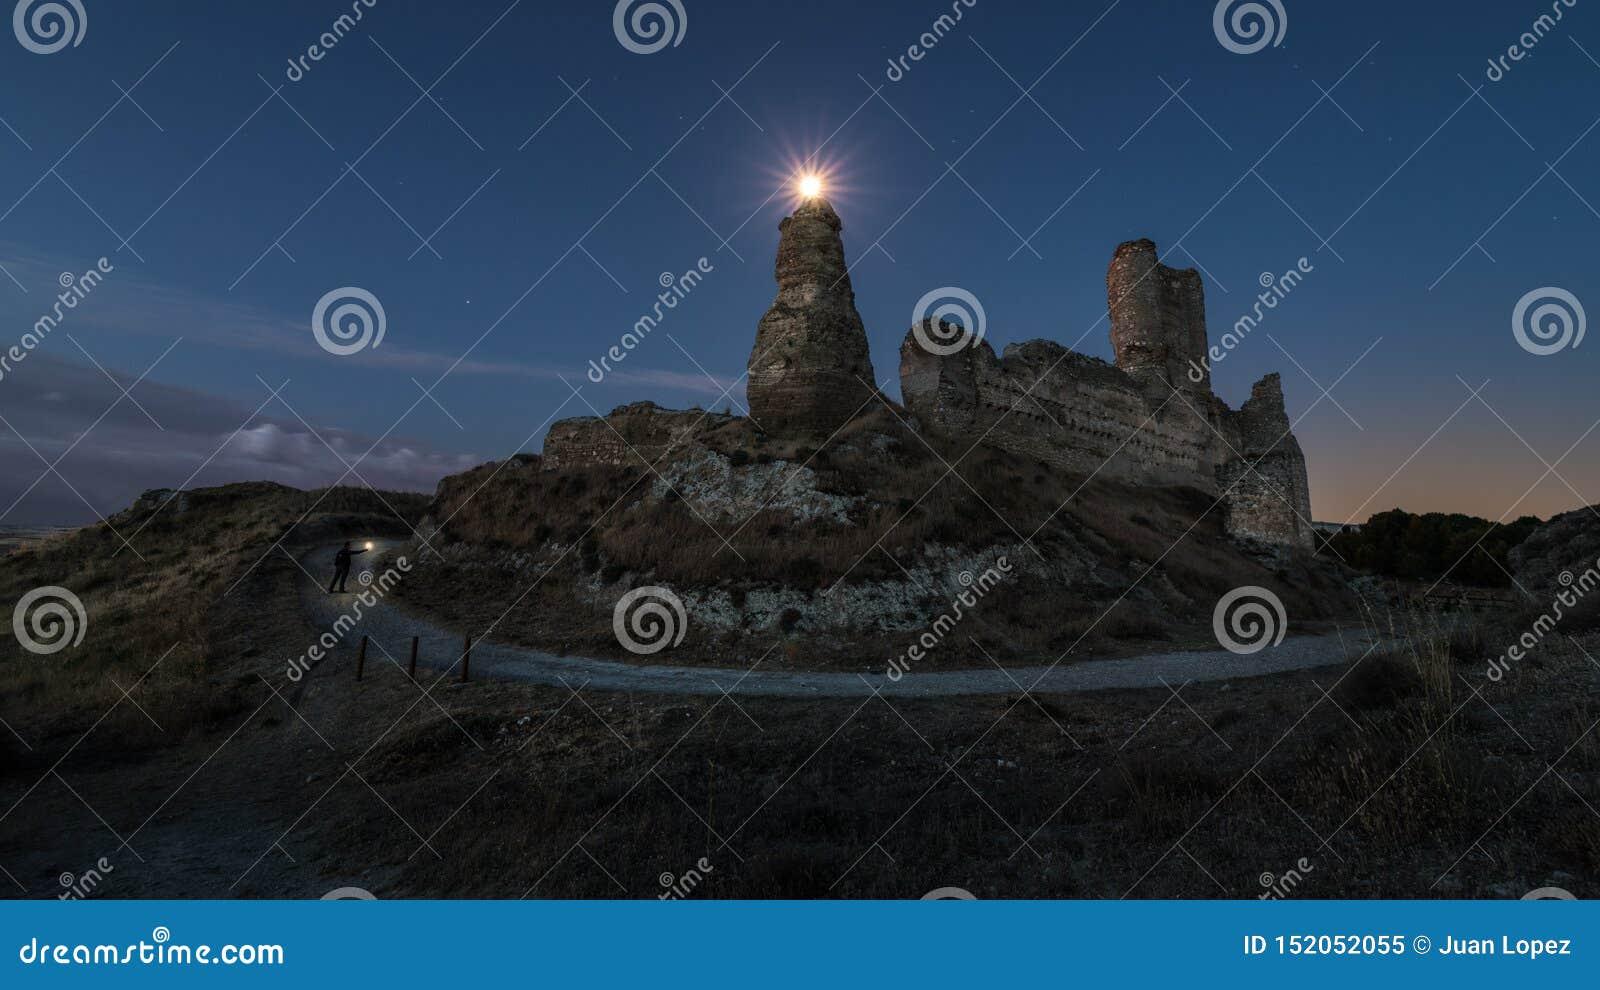 Φεγγάρι σε ένα λυκόφως πέρα από τις καταστροφές ενός παλαιού κάστρου